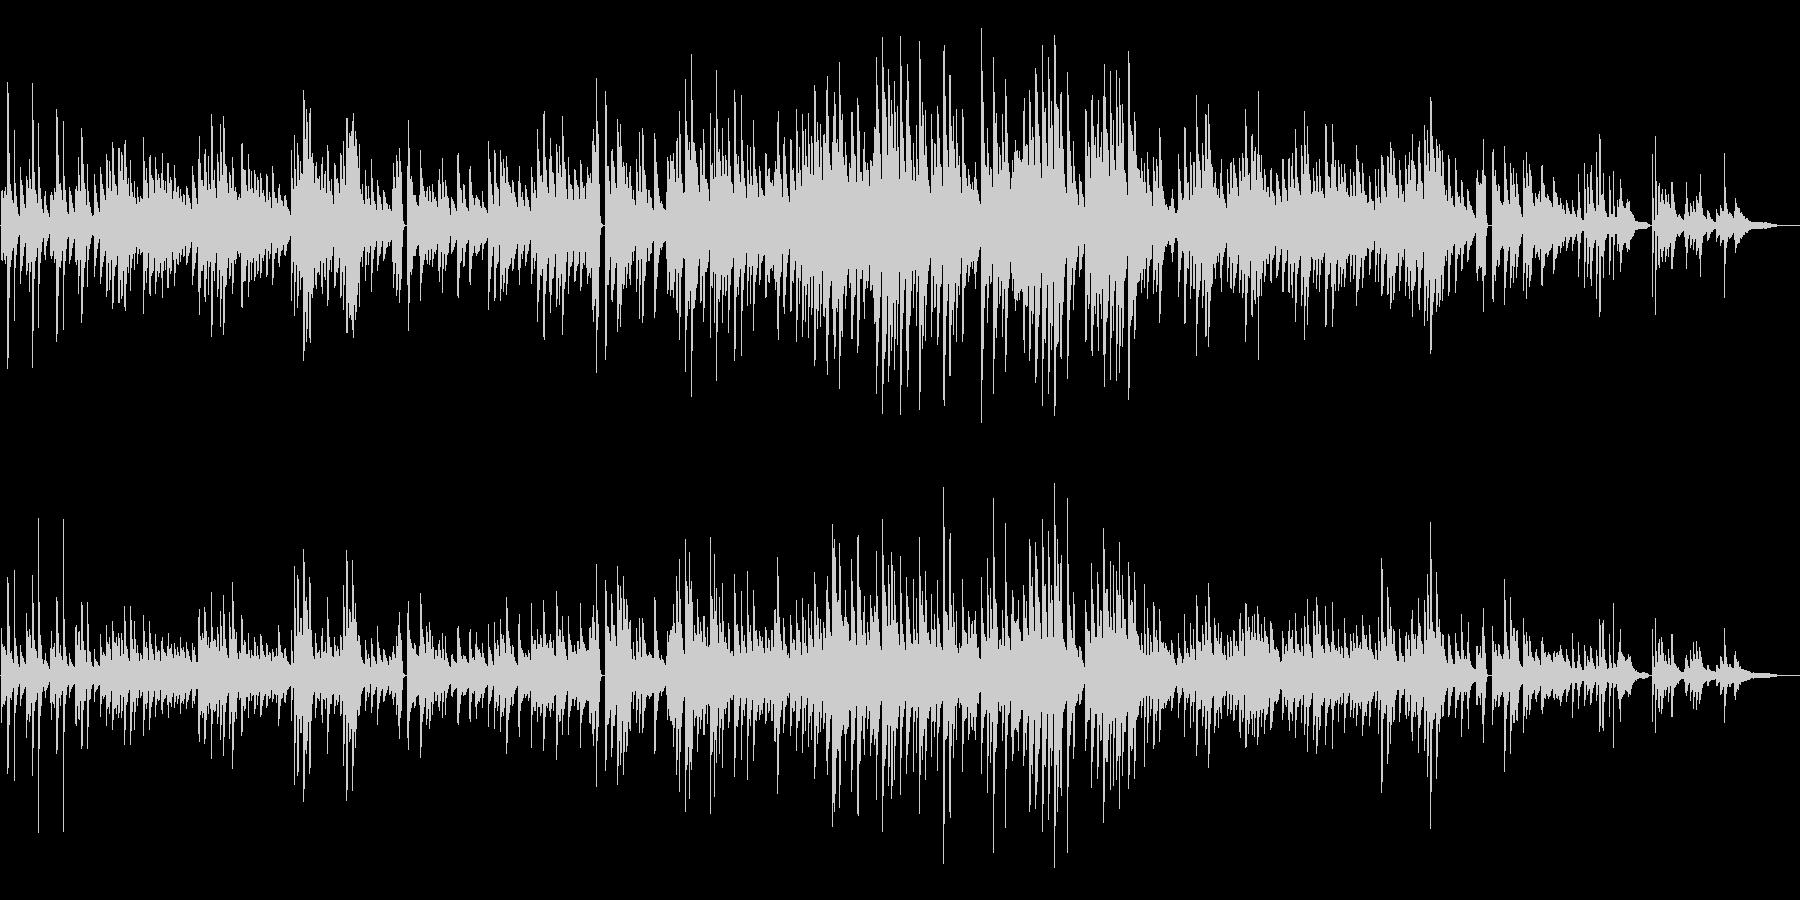 童謡「大きな古時計」チルピアノアレンジの未再生の波形